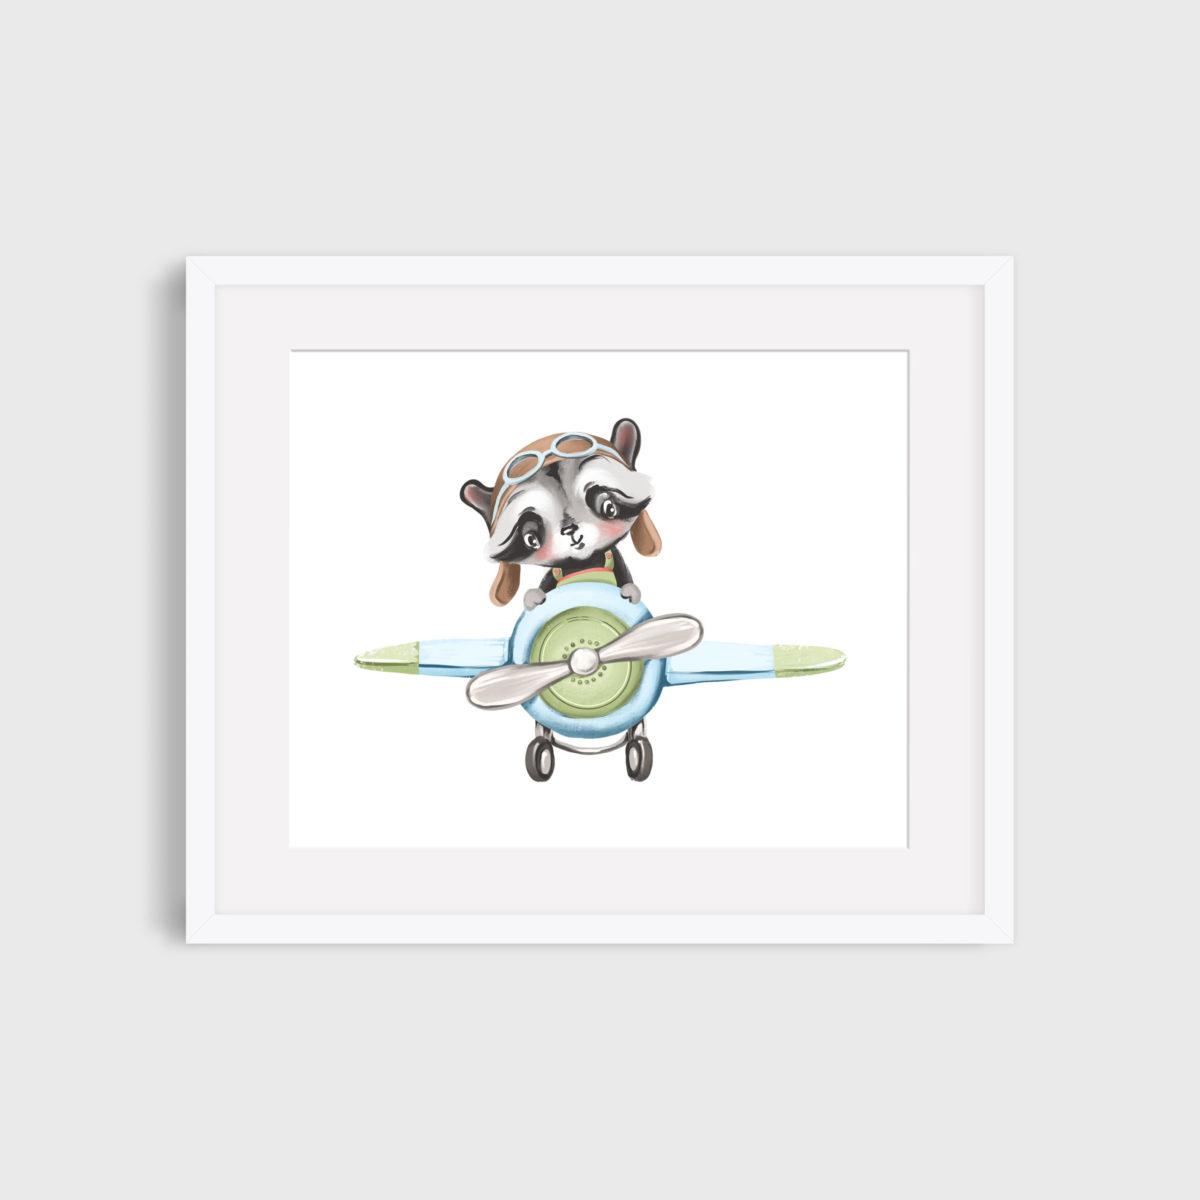 17. Baby raccoon pilot